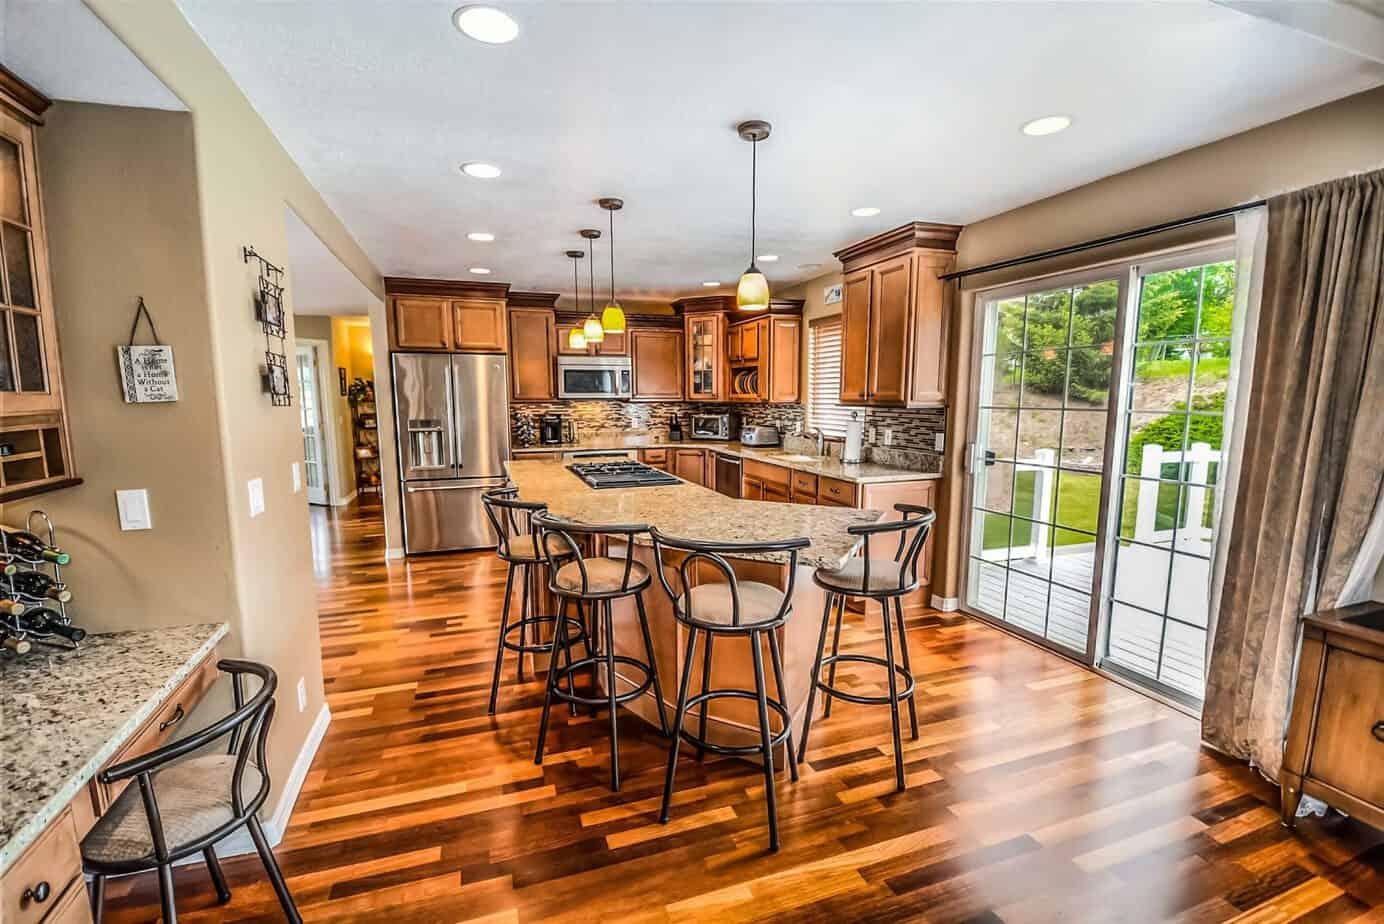 a l interieur appareils electromenagers architecture 534151 2048x1367 - La plancha pour une décoration moderne de la cuisine